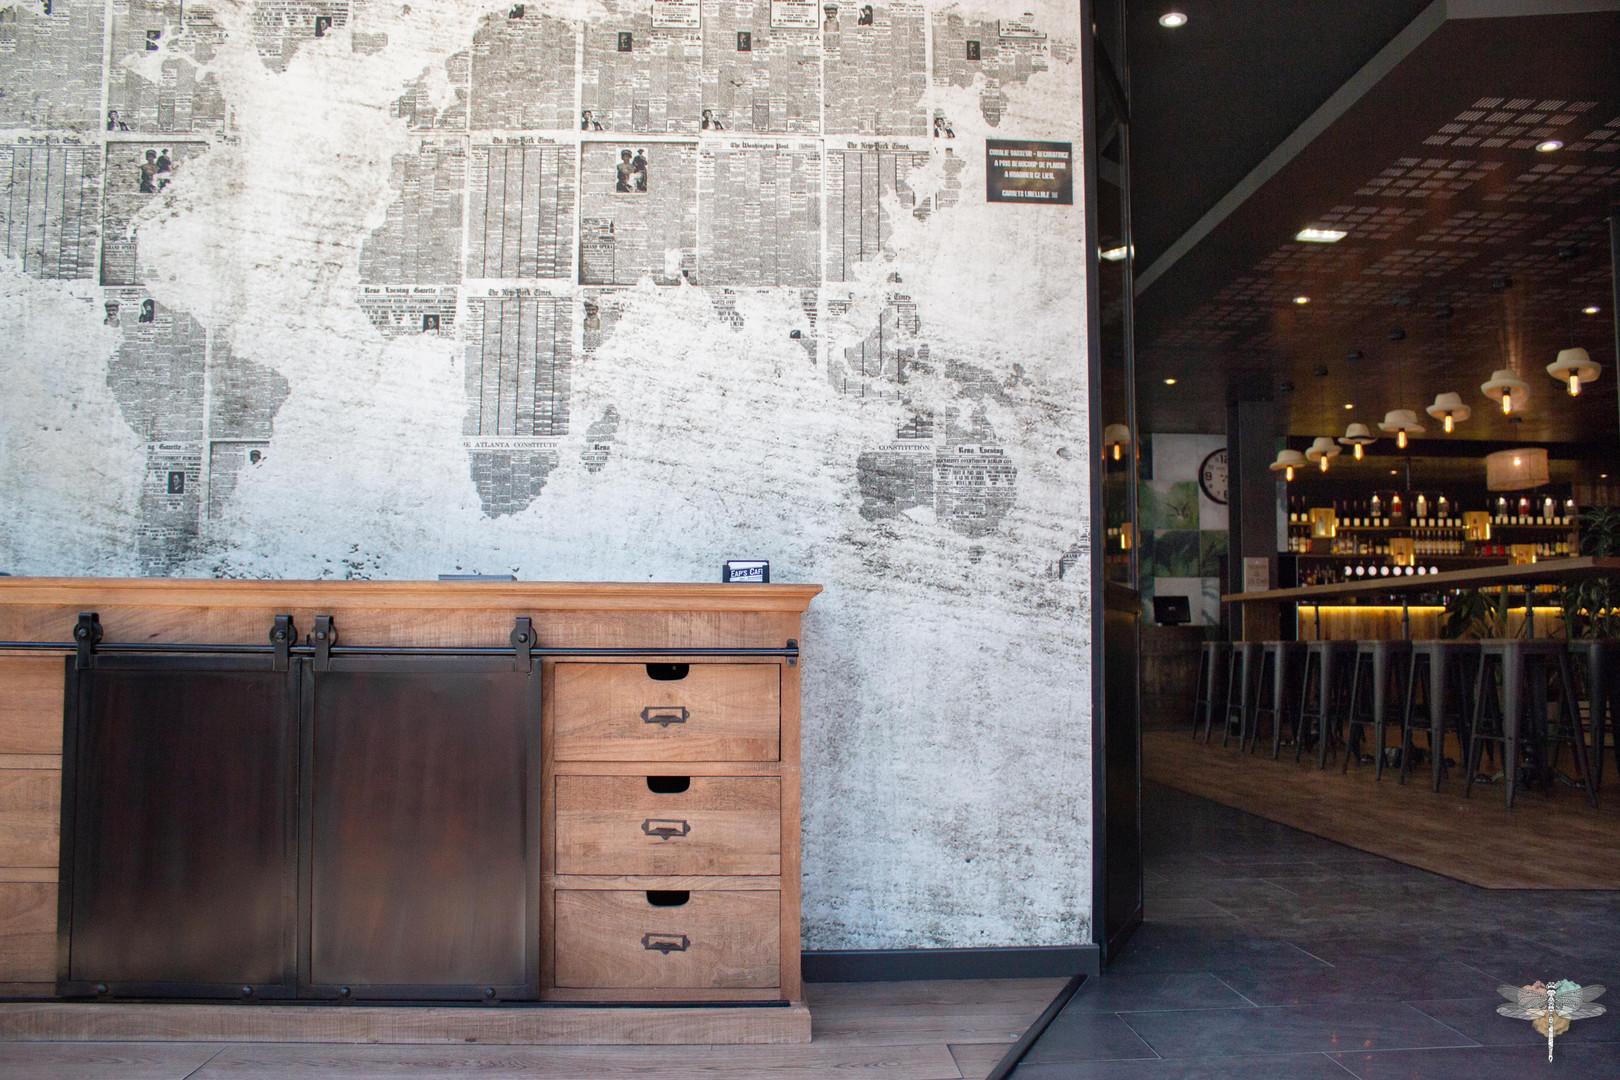 Agencement et décoration du restaurant industriel voyage EAP's CAFE par Carnets Libellule. Coralie Vasseur est votre Décoratrice d'intérieur UFDI à Compiegne : entrée avec meuble de métier et papier peint map monde